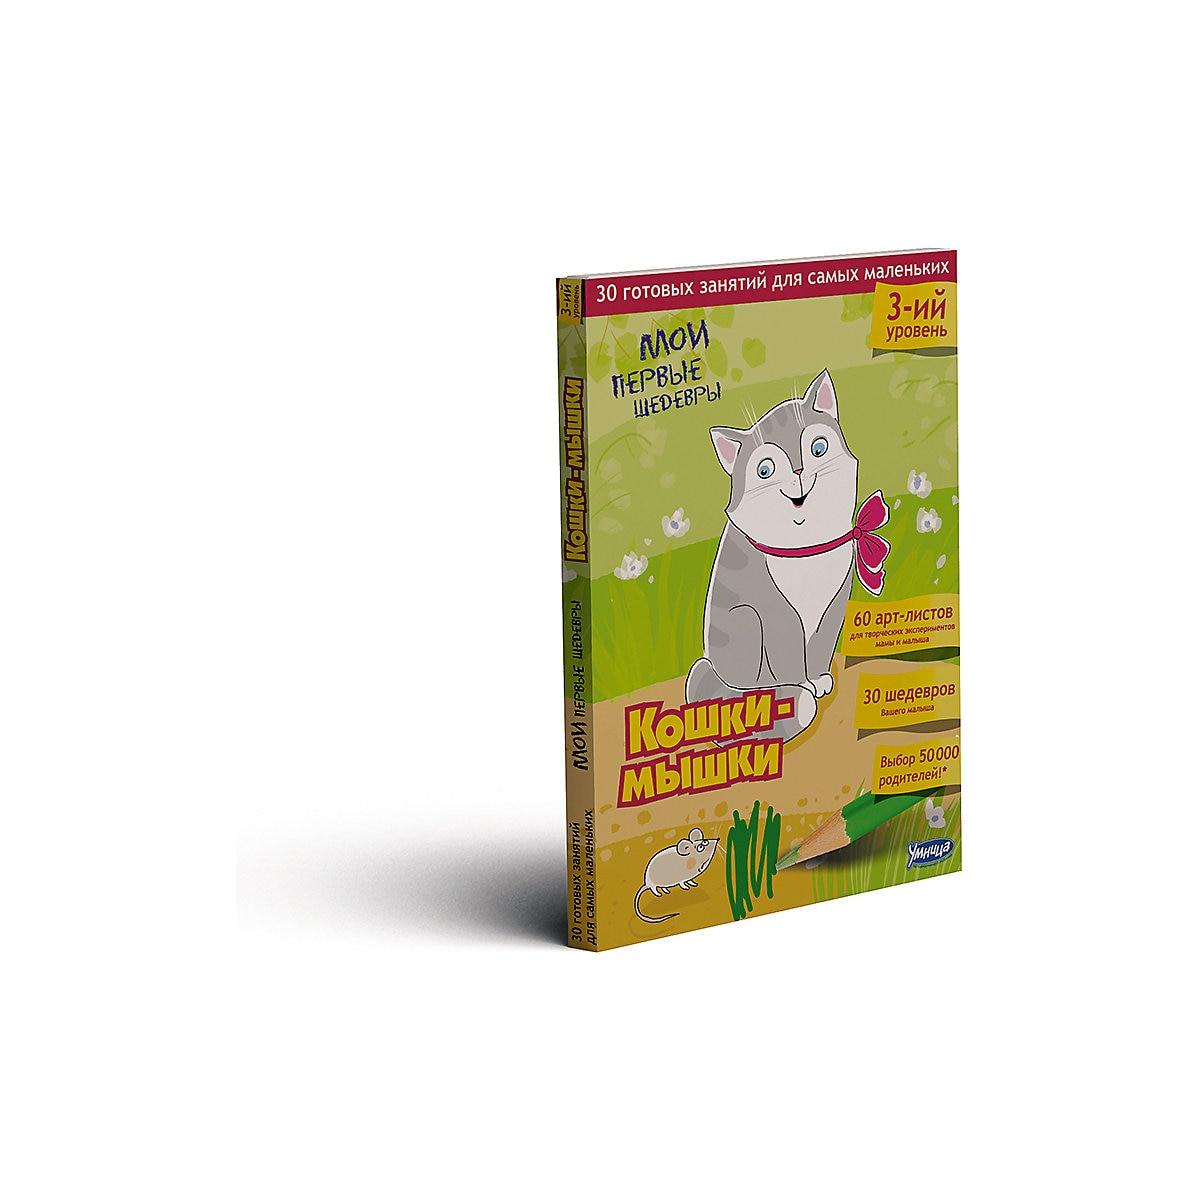 UMNITSA Books 4200824 MTpromo